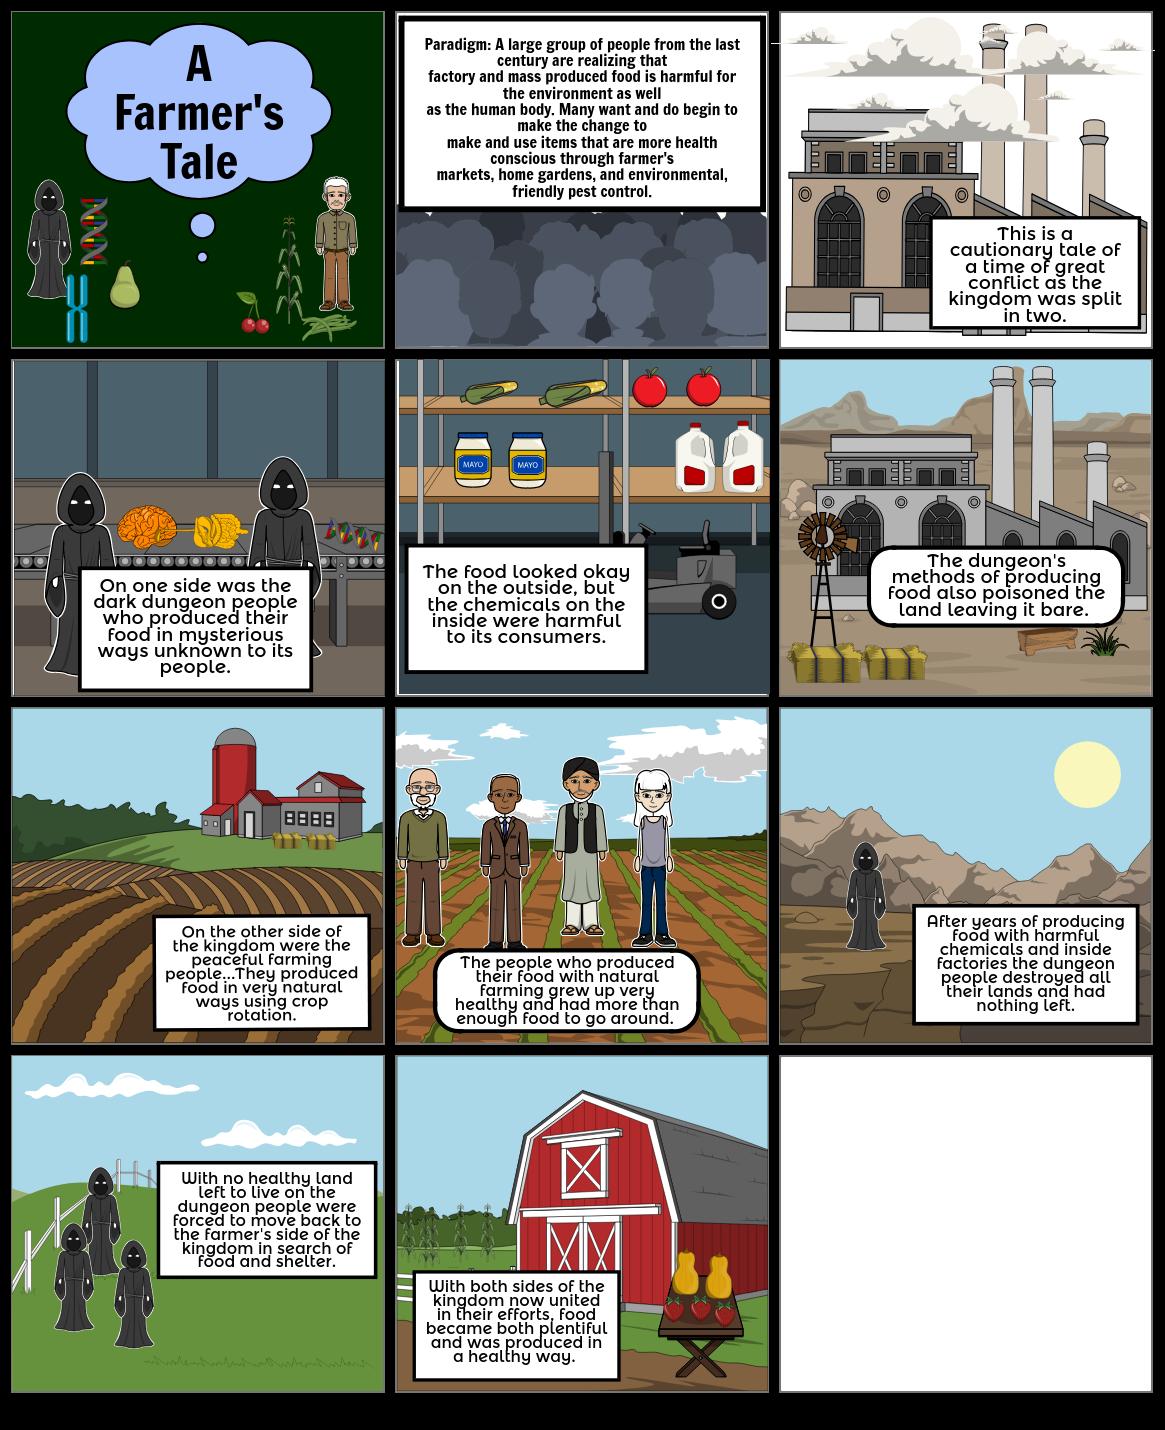 A Farmer's Tale